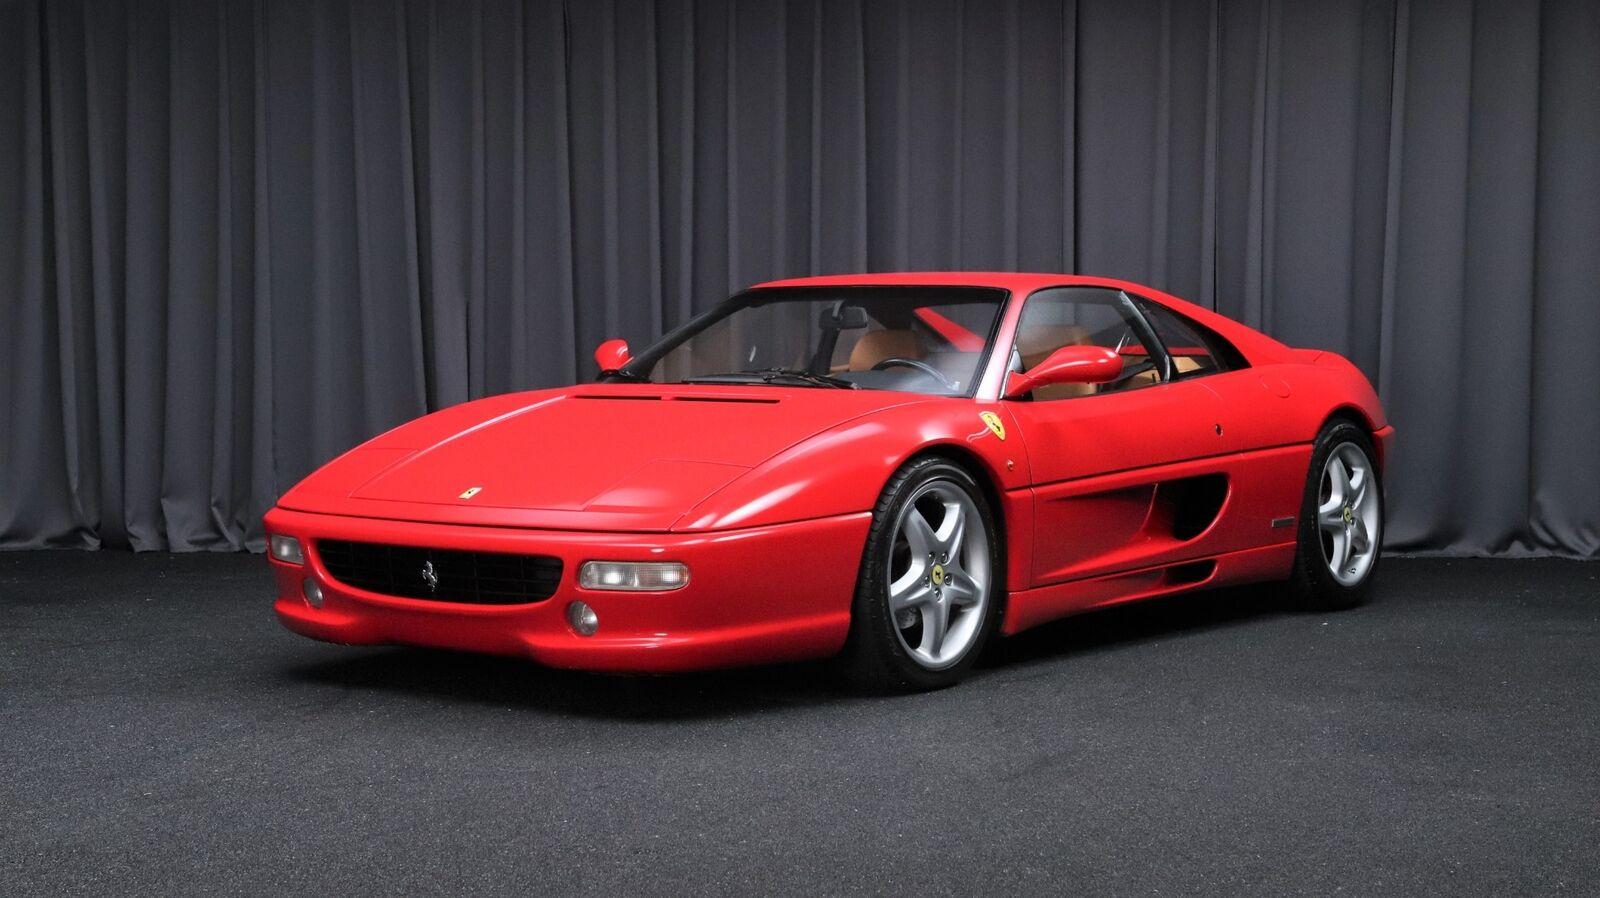 Ferrari F355 3,5 F1 GTB 2d - 6.495 kr.